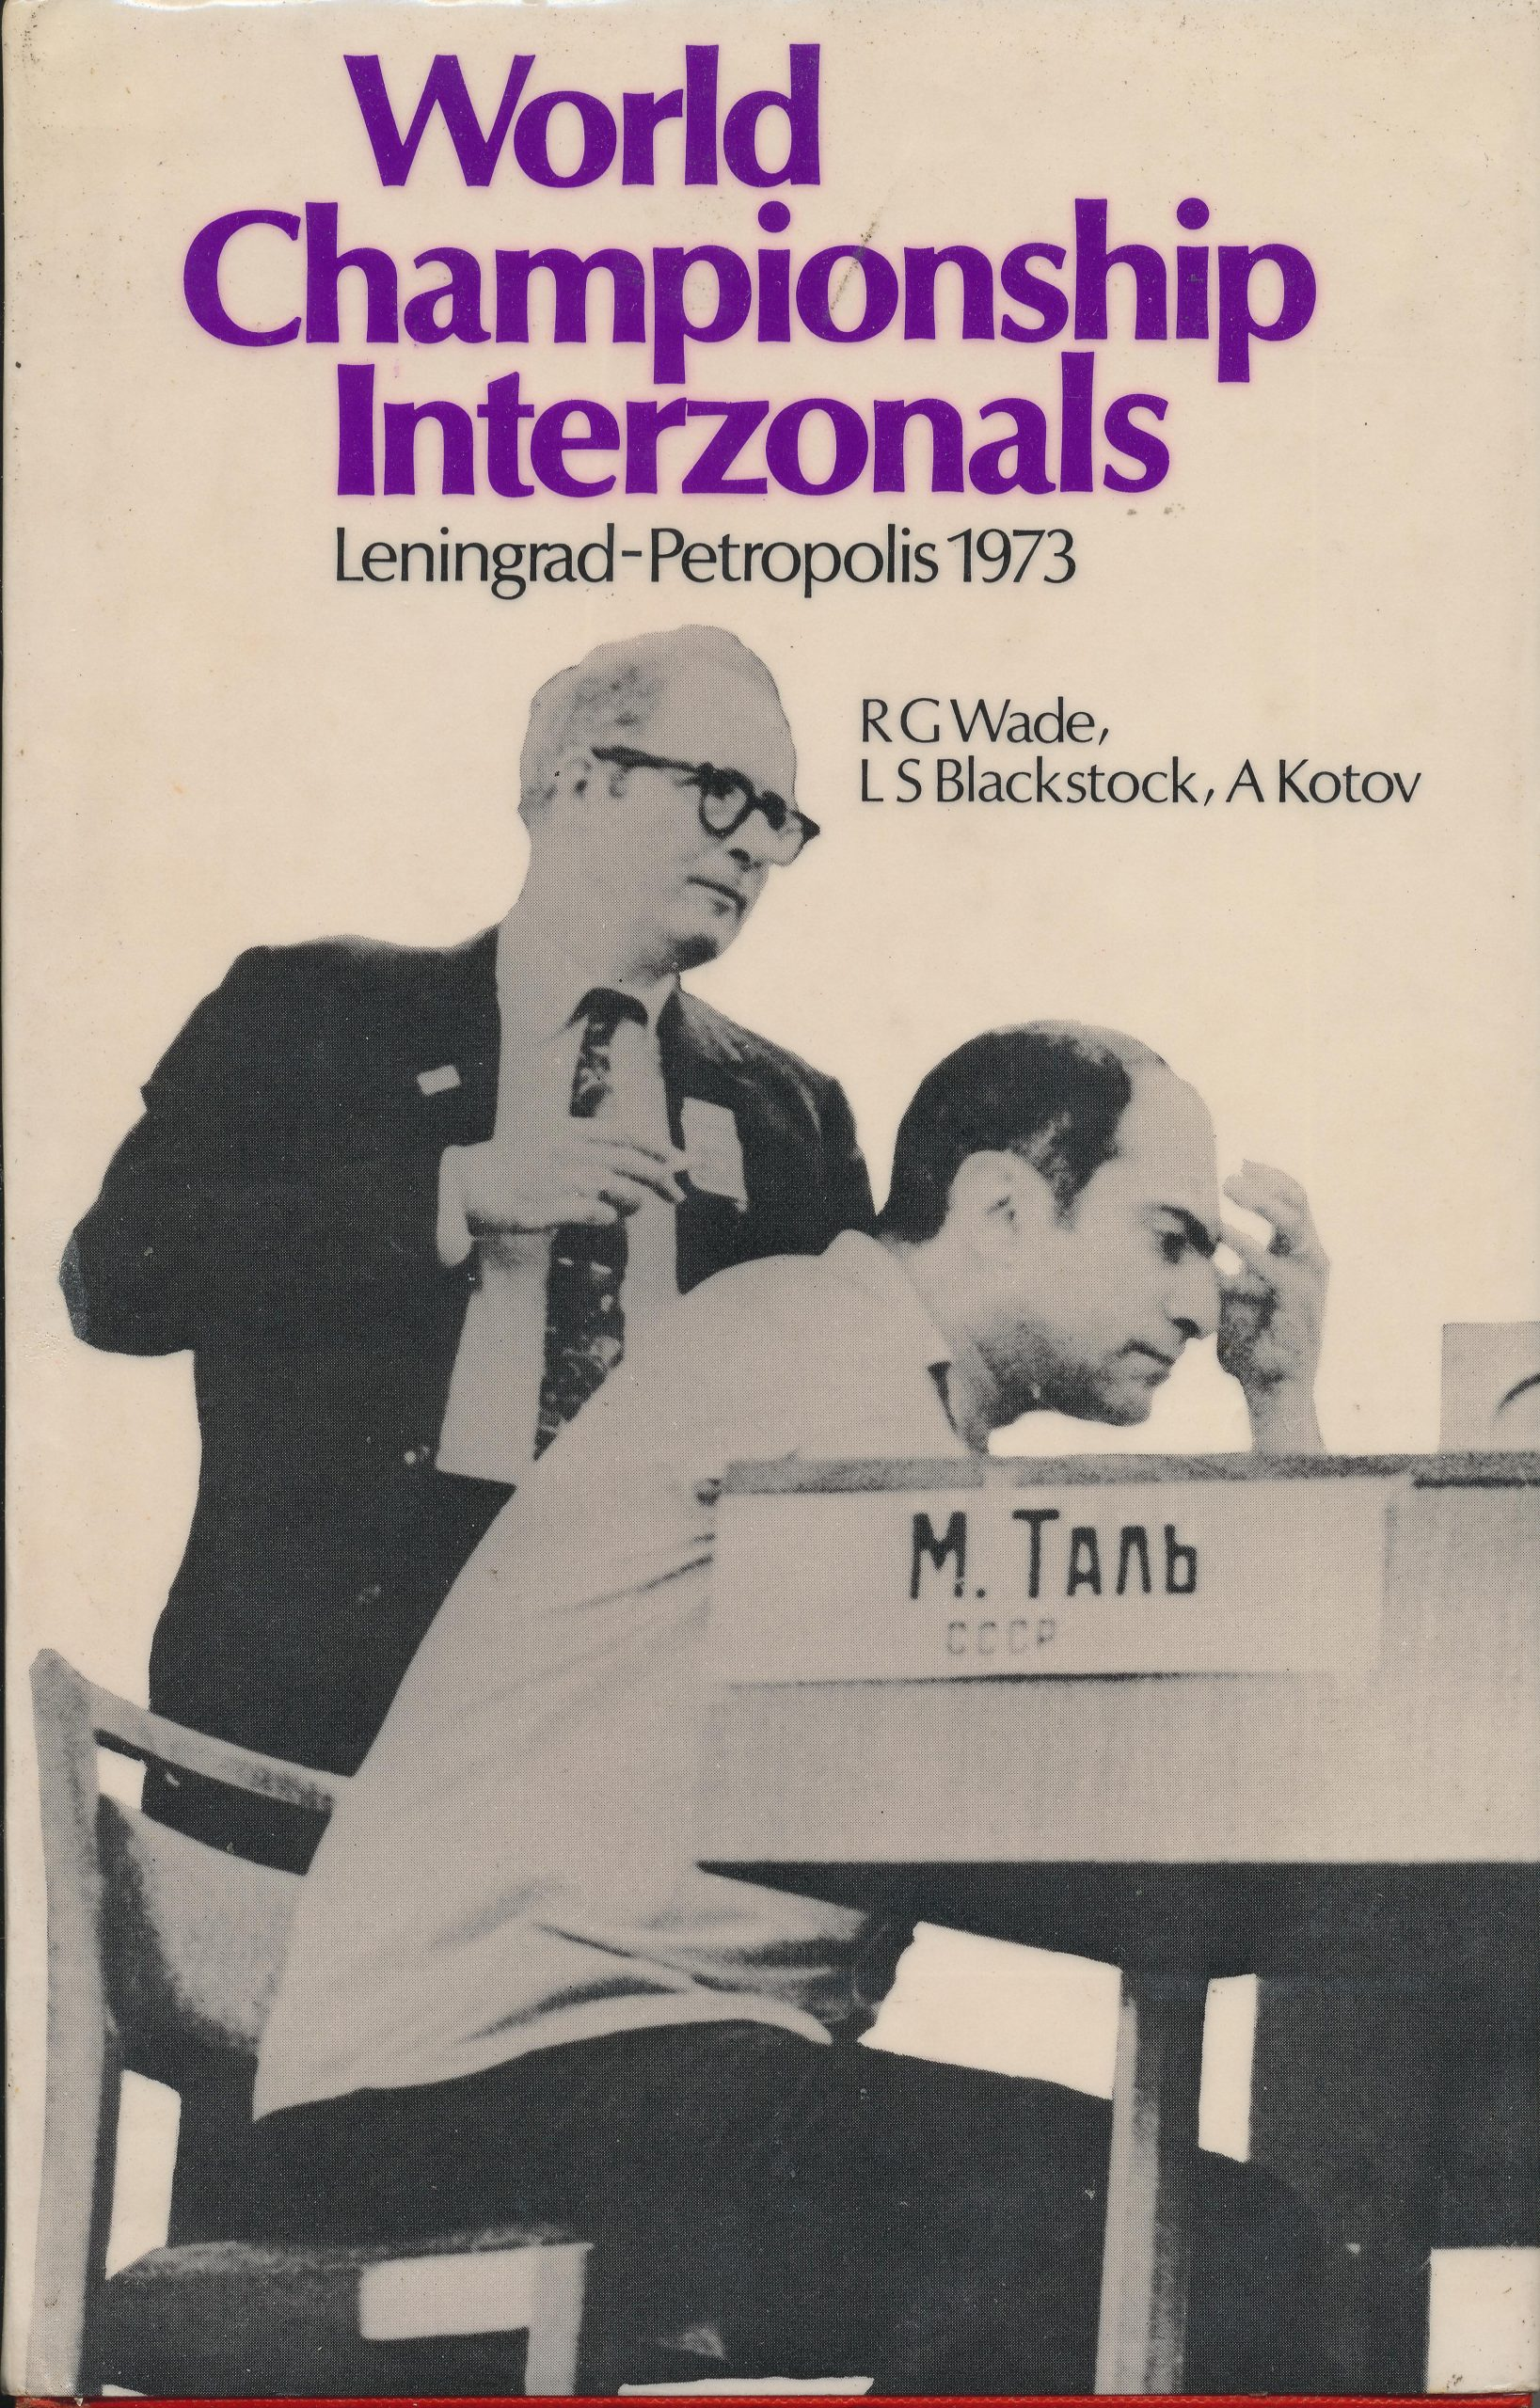 World Championship Interzonals, Wade, Blackstock and Kotov, Batsford, 1974